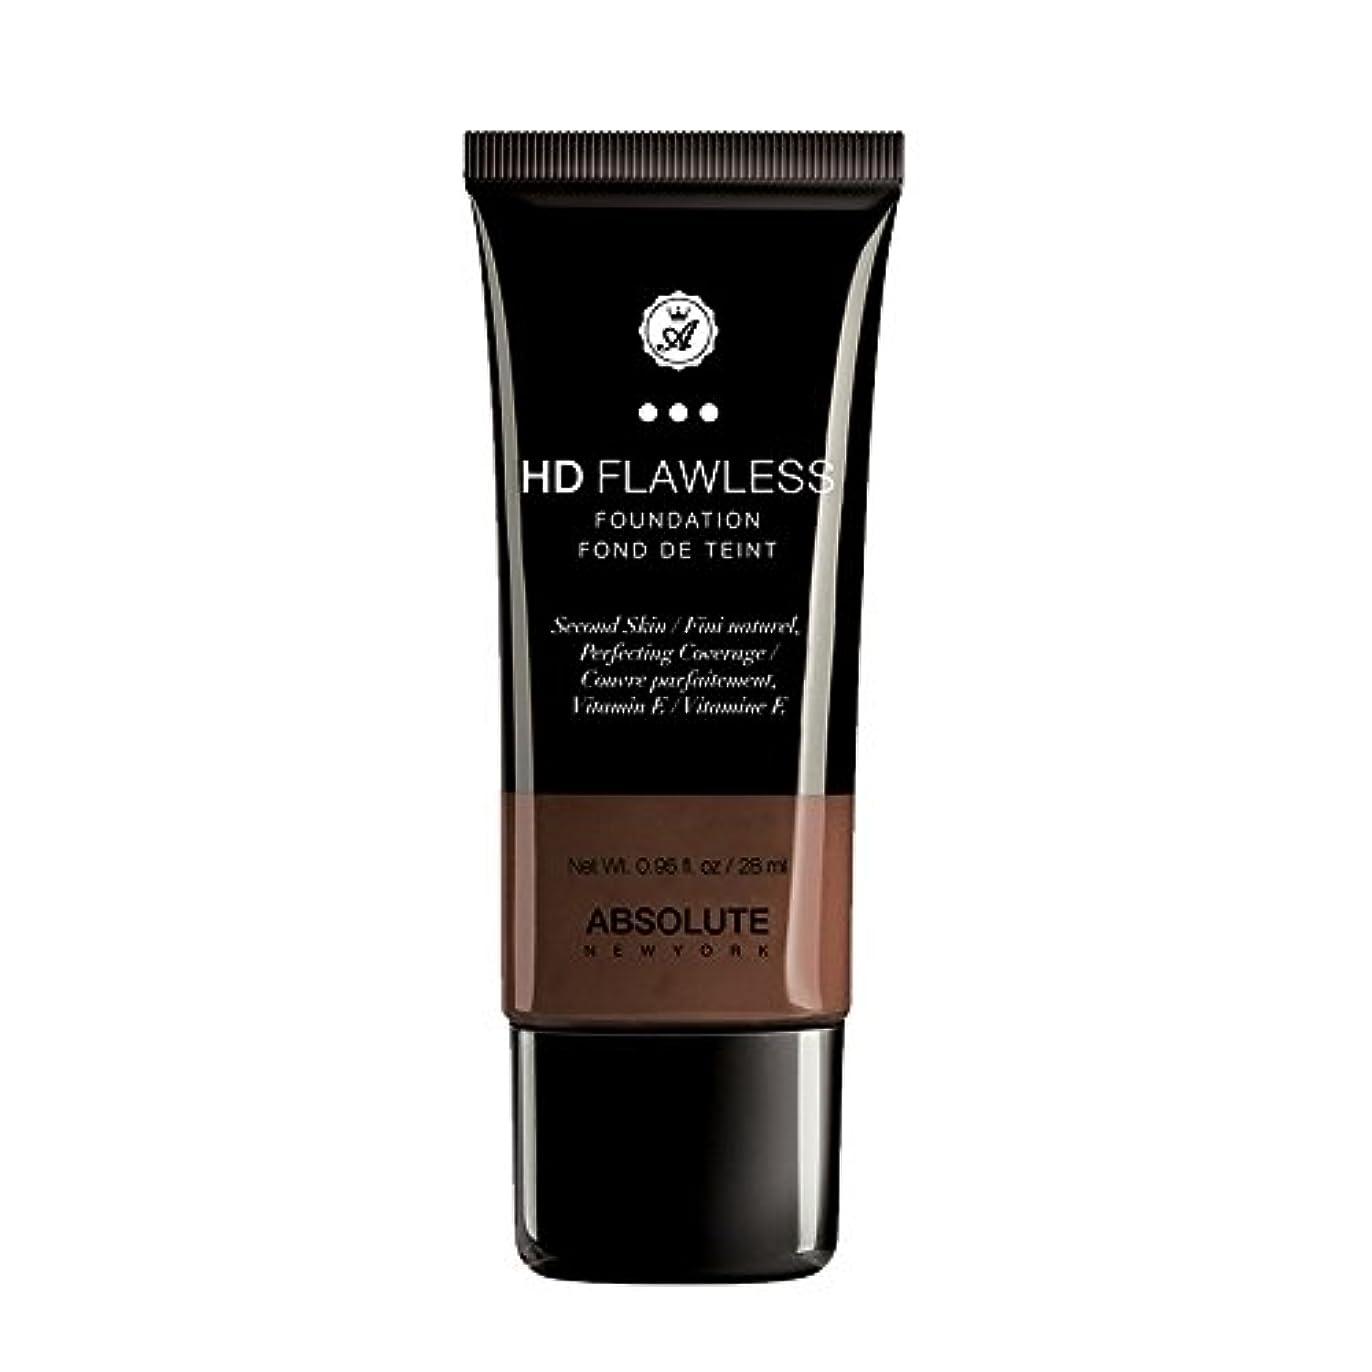 移行三番機械的に(3 Pack) ABSOLUTE HD Flawless Fluid Foundation - Espresso (並行輸入品)